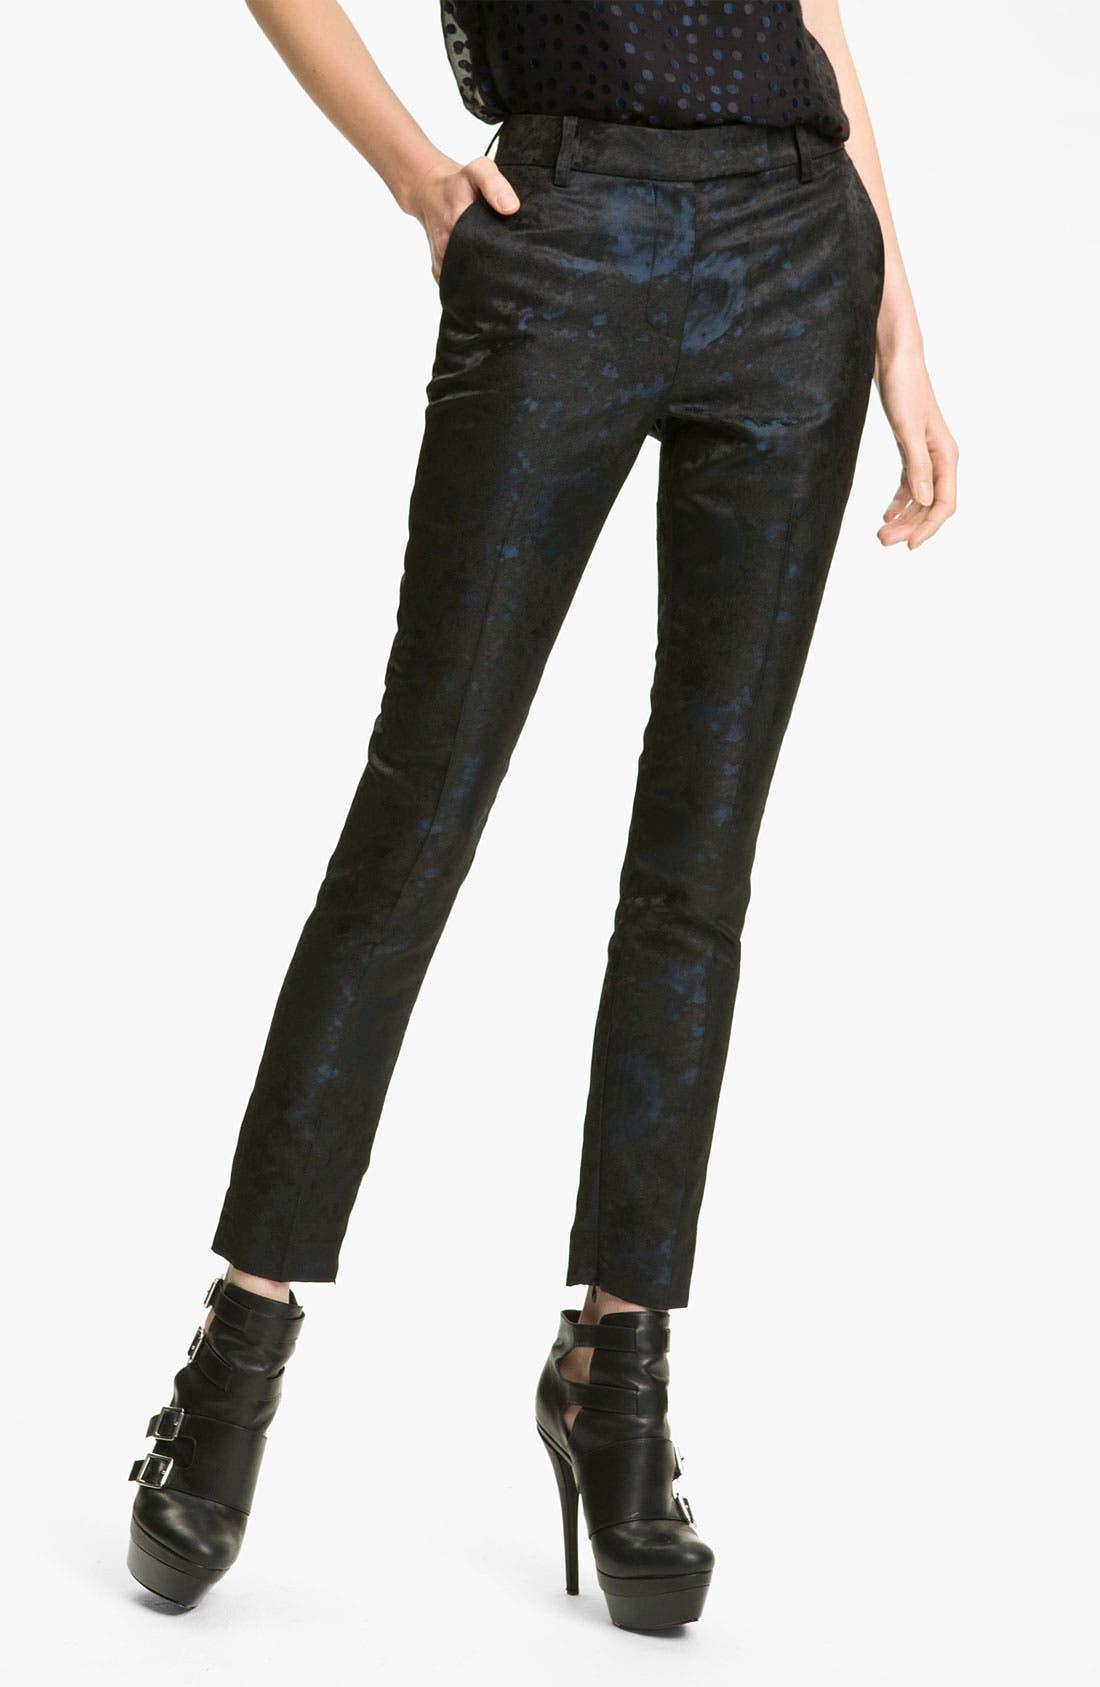 Alternate Image 1 Selected - Rachel Zoe 'Ian' Cigarette Leg Jacquard Pants